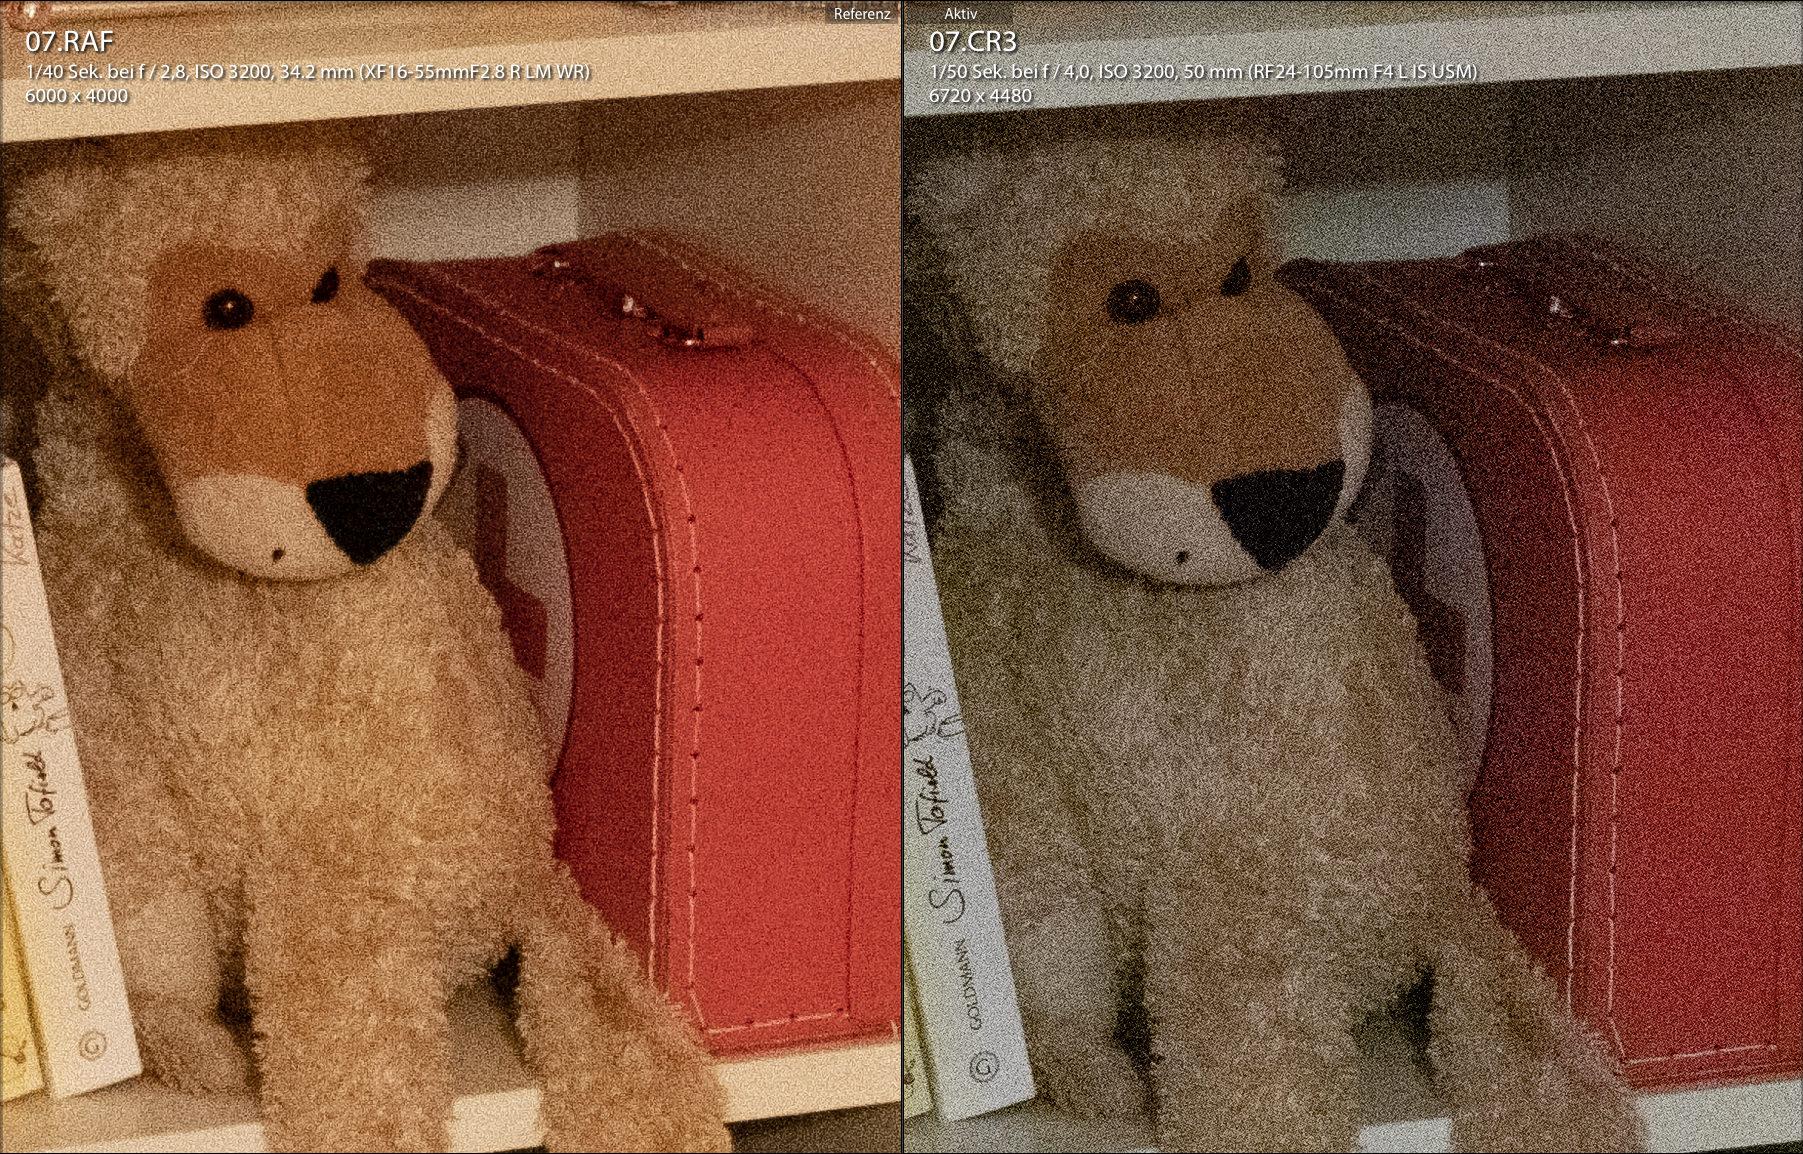 Teddybär in Regal